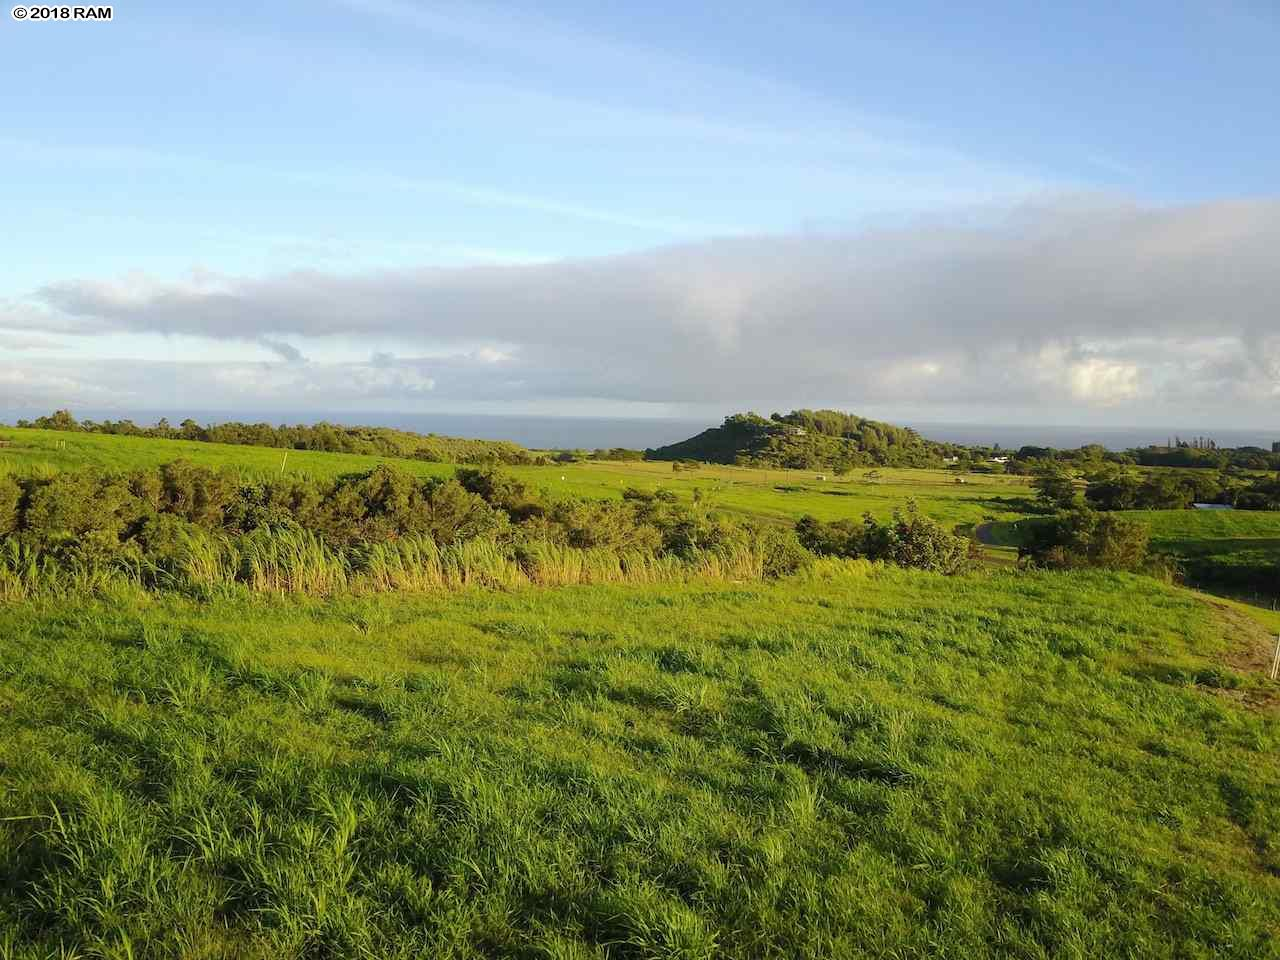 103 Hekuawa St Haiku, Hi 96708 vacant land - photo 1 of 6